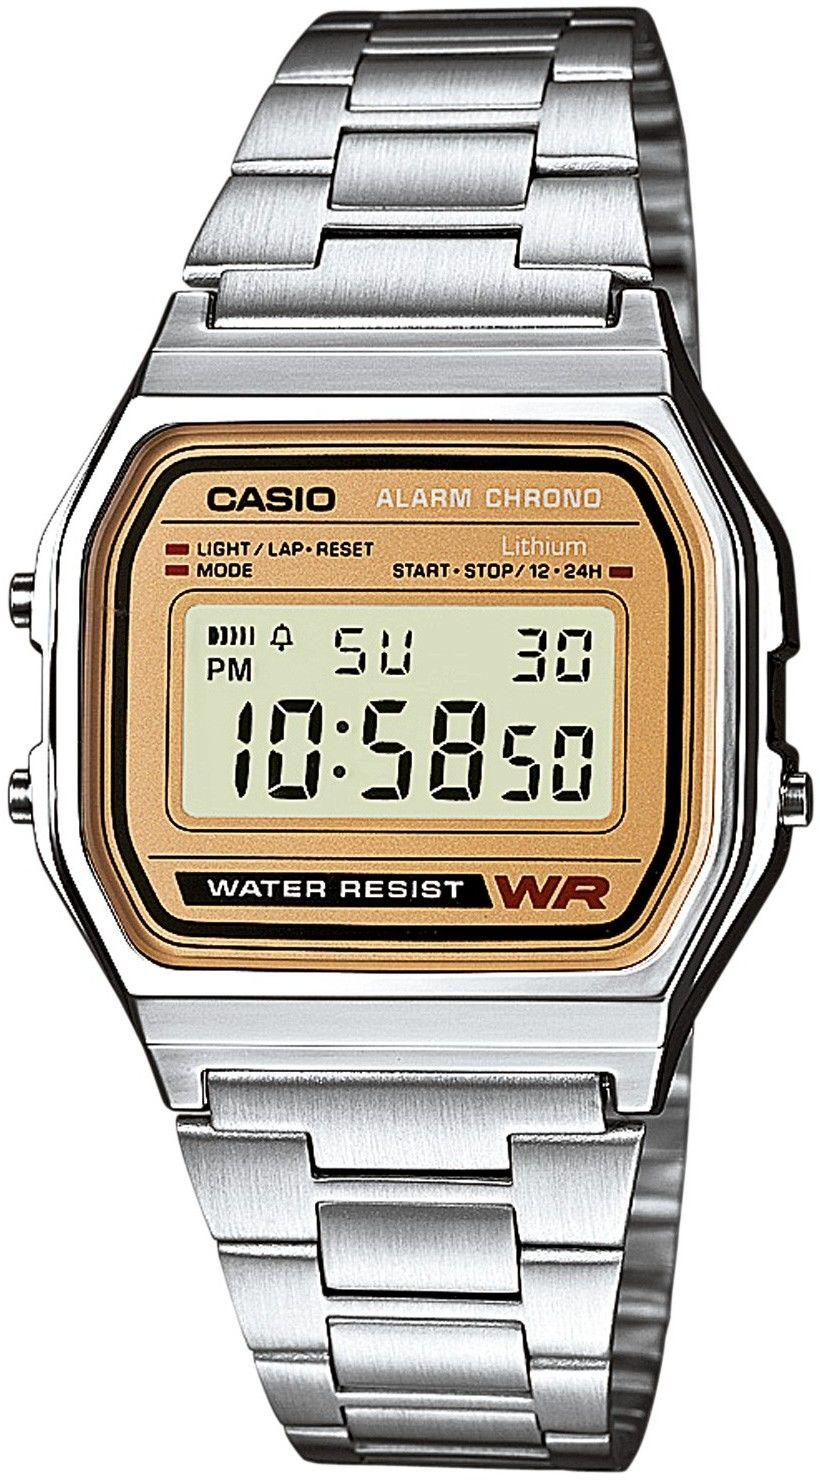 Zegarek Casio A158WEA-9EF - CENA DO NEGOCJACJI - DOSTAWA DHL GRATIS, KUPUJ BEZ RYZYKA - 100 dni na zwrot, możliwość wygrawerowania dowolnego tekstu.